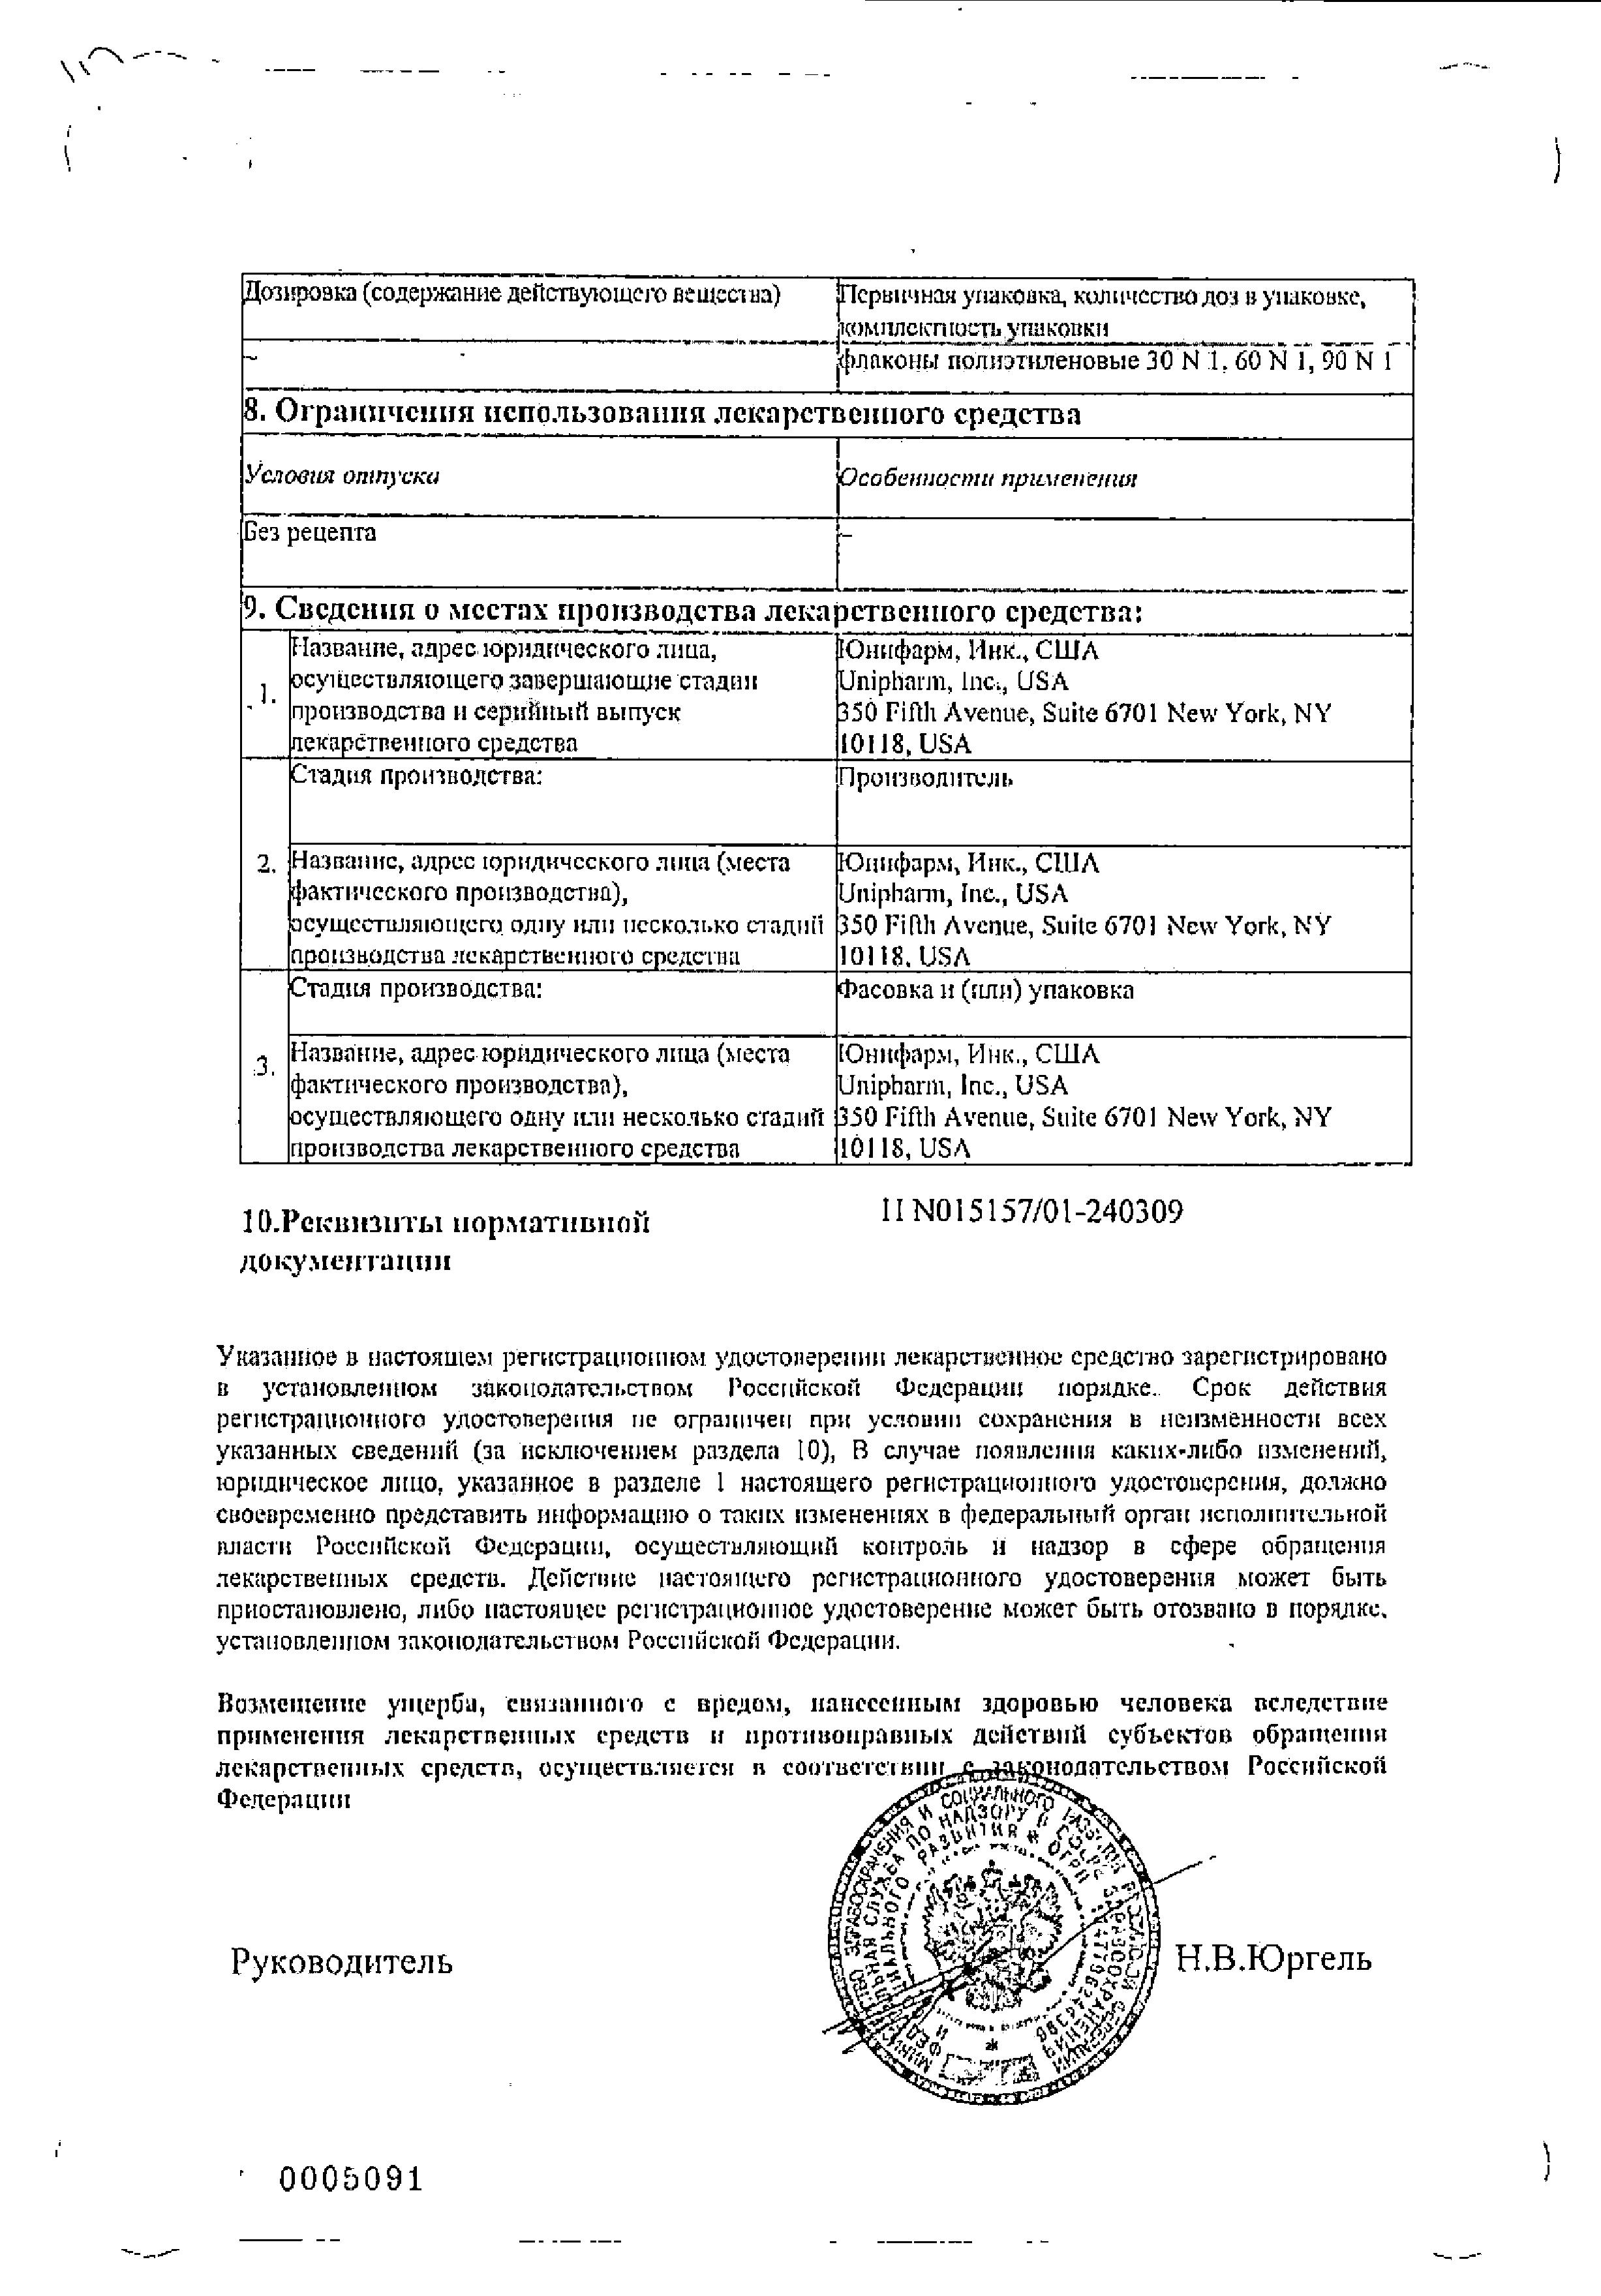 Витрум Кидс сертификат